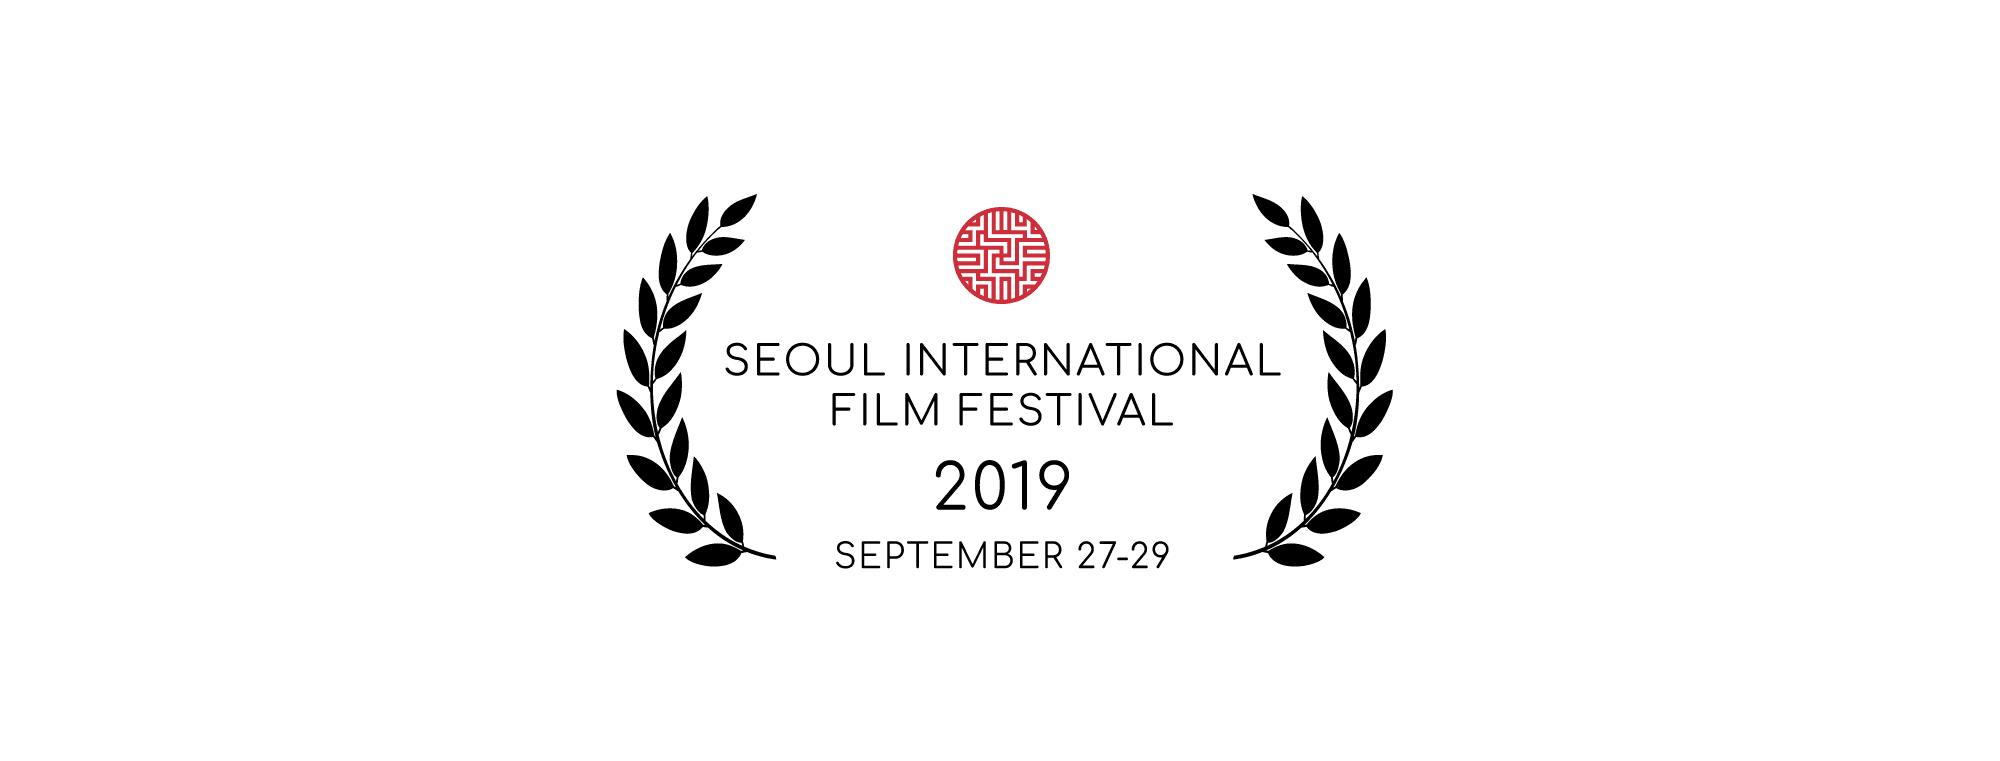 Seoul International Film Festival to Return in 2019 | 10 Magazine Korea